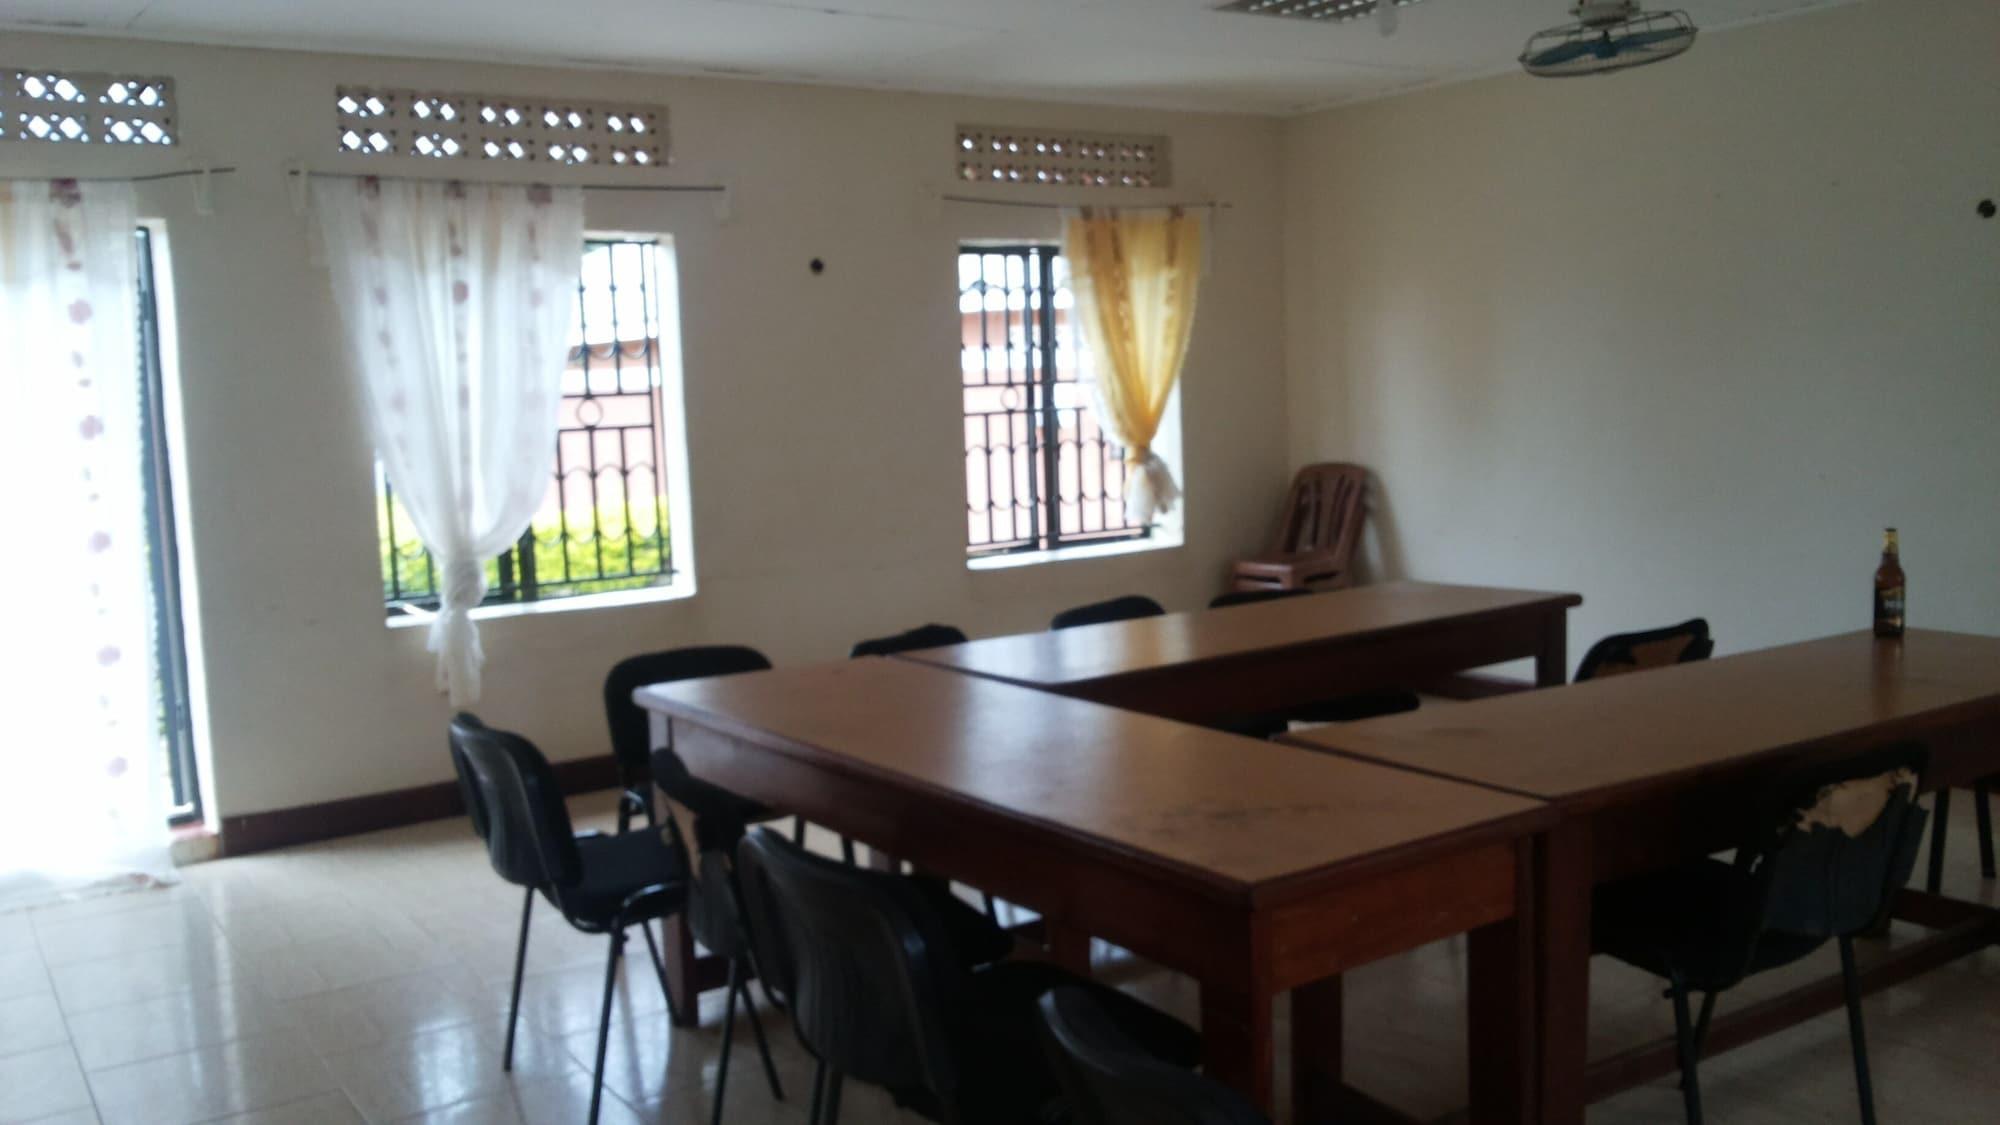 Hotel Delambiance, Arua Municipality